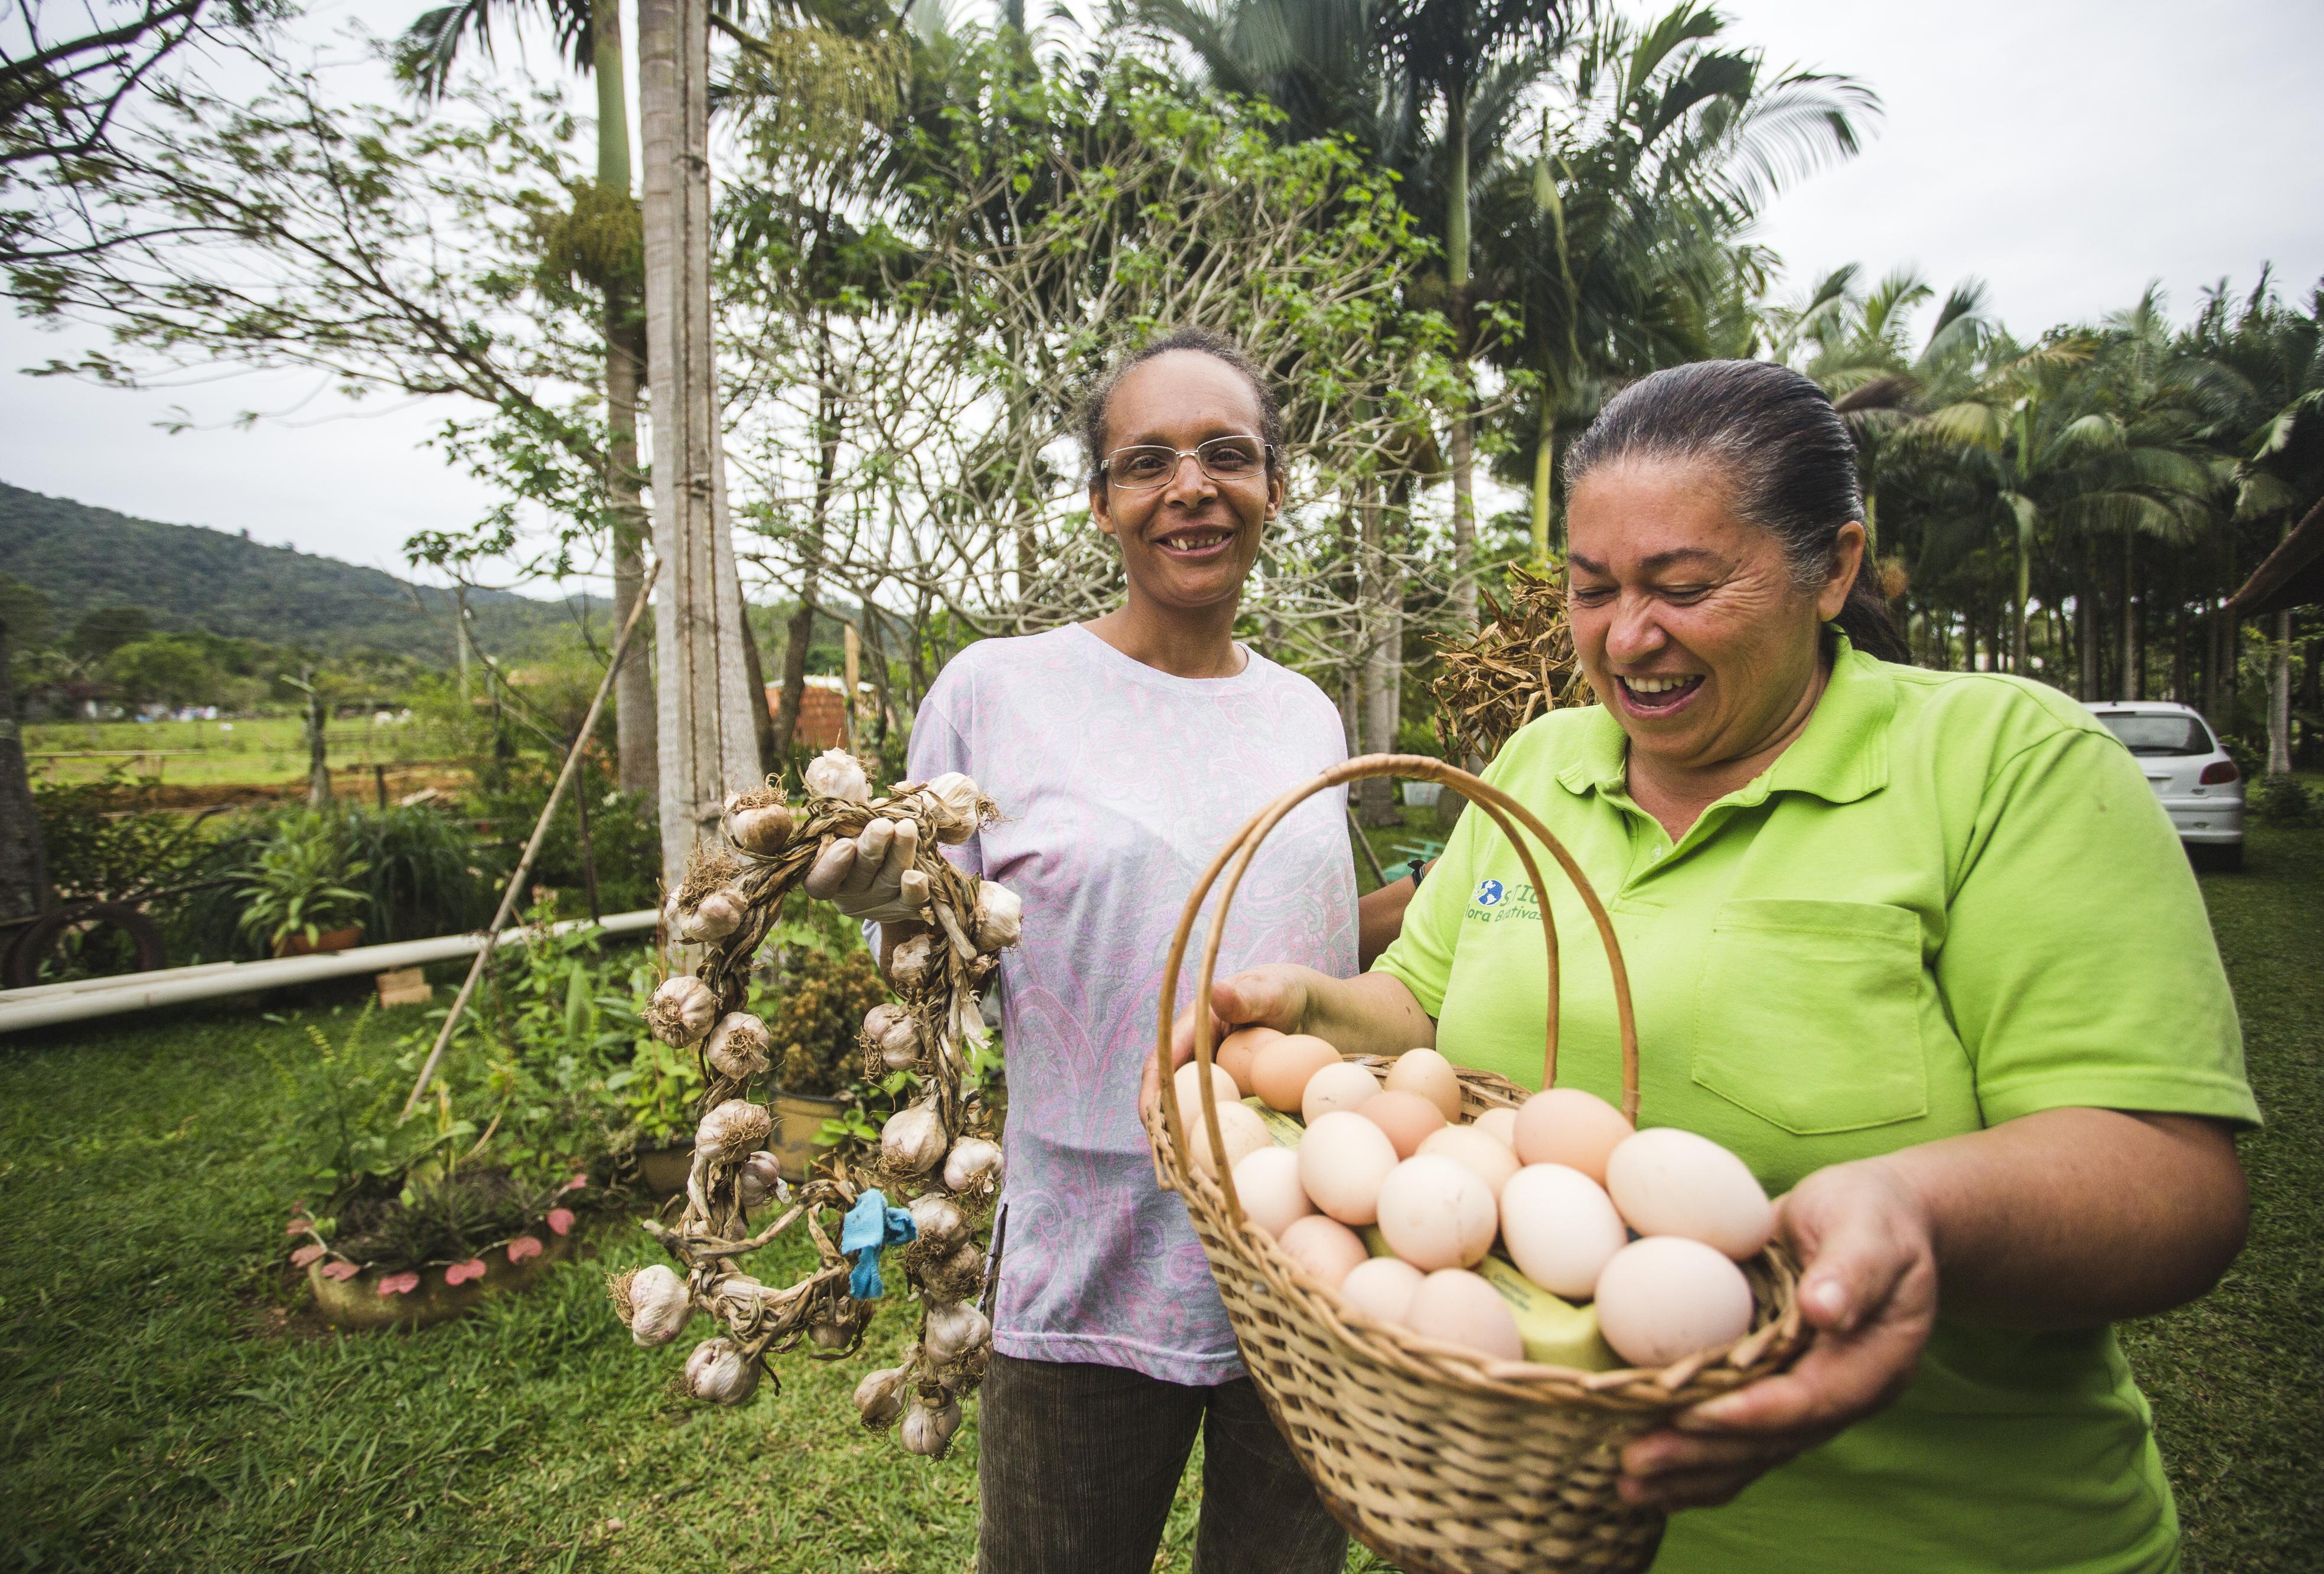 Noeli Pinheiro e a parceira Delsa Caetano da Costa trocam produtos orgânicos entre si - Daniel Queiroz/ND